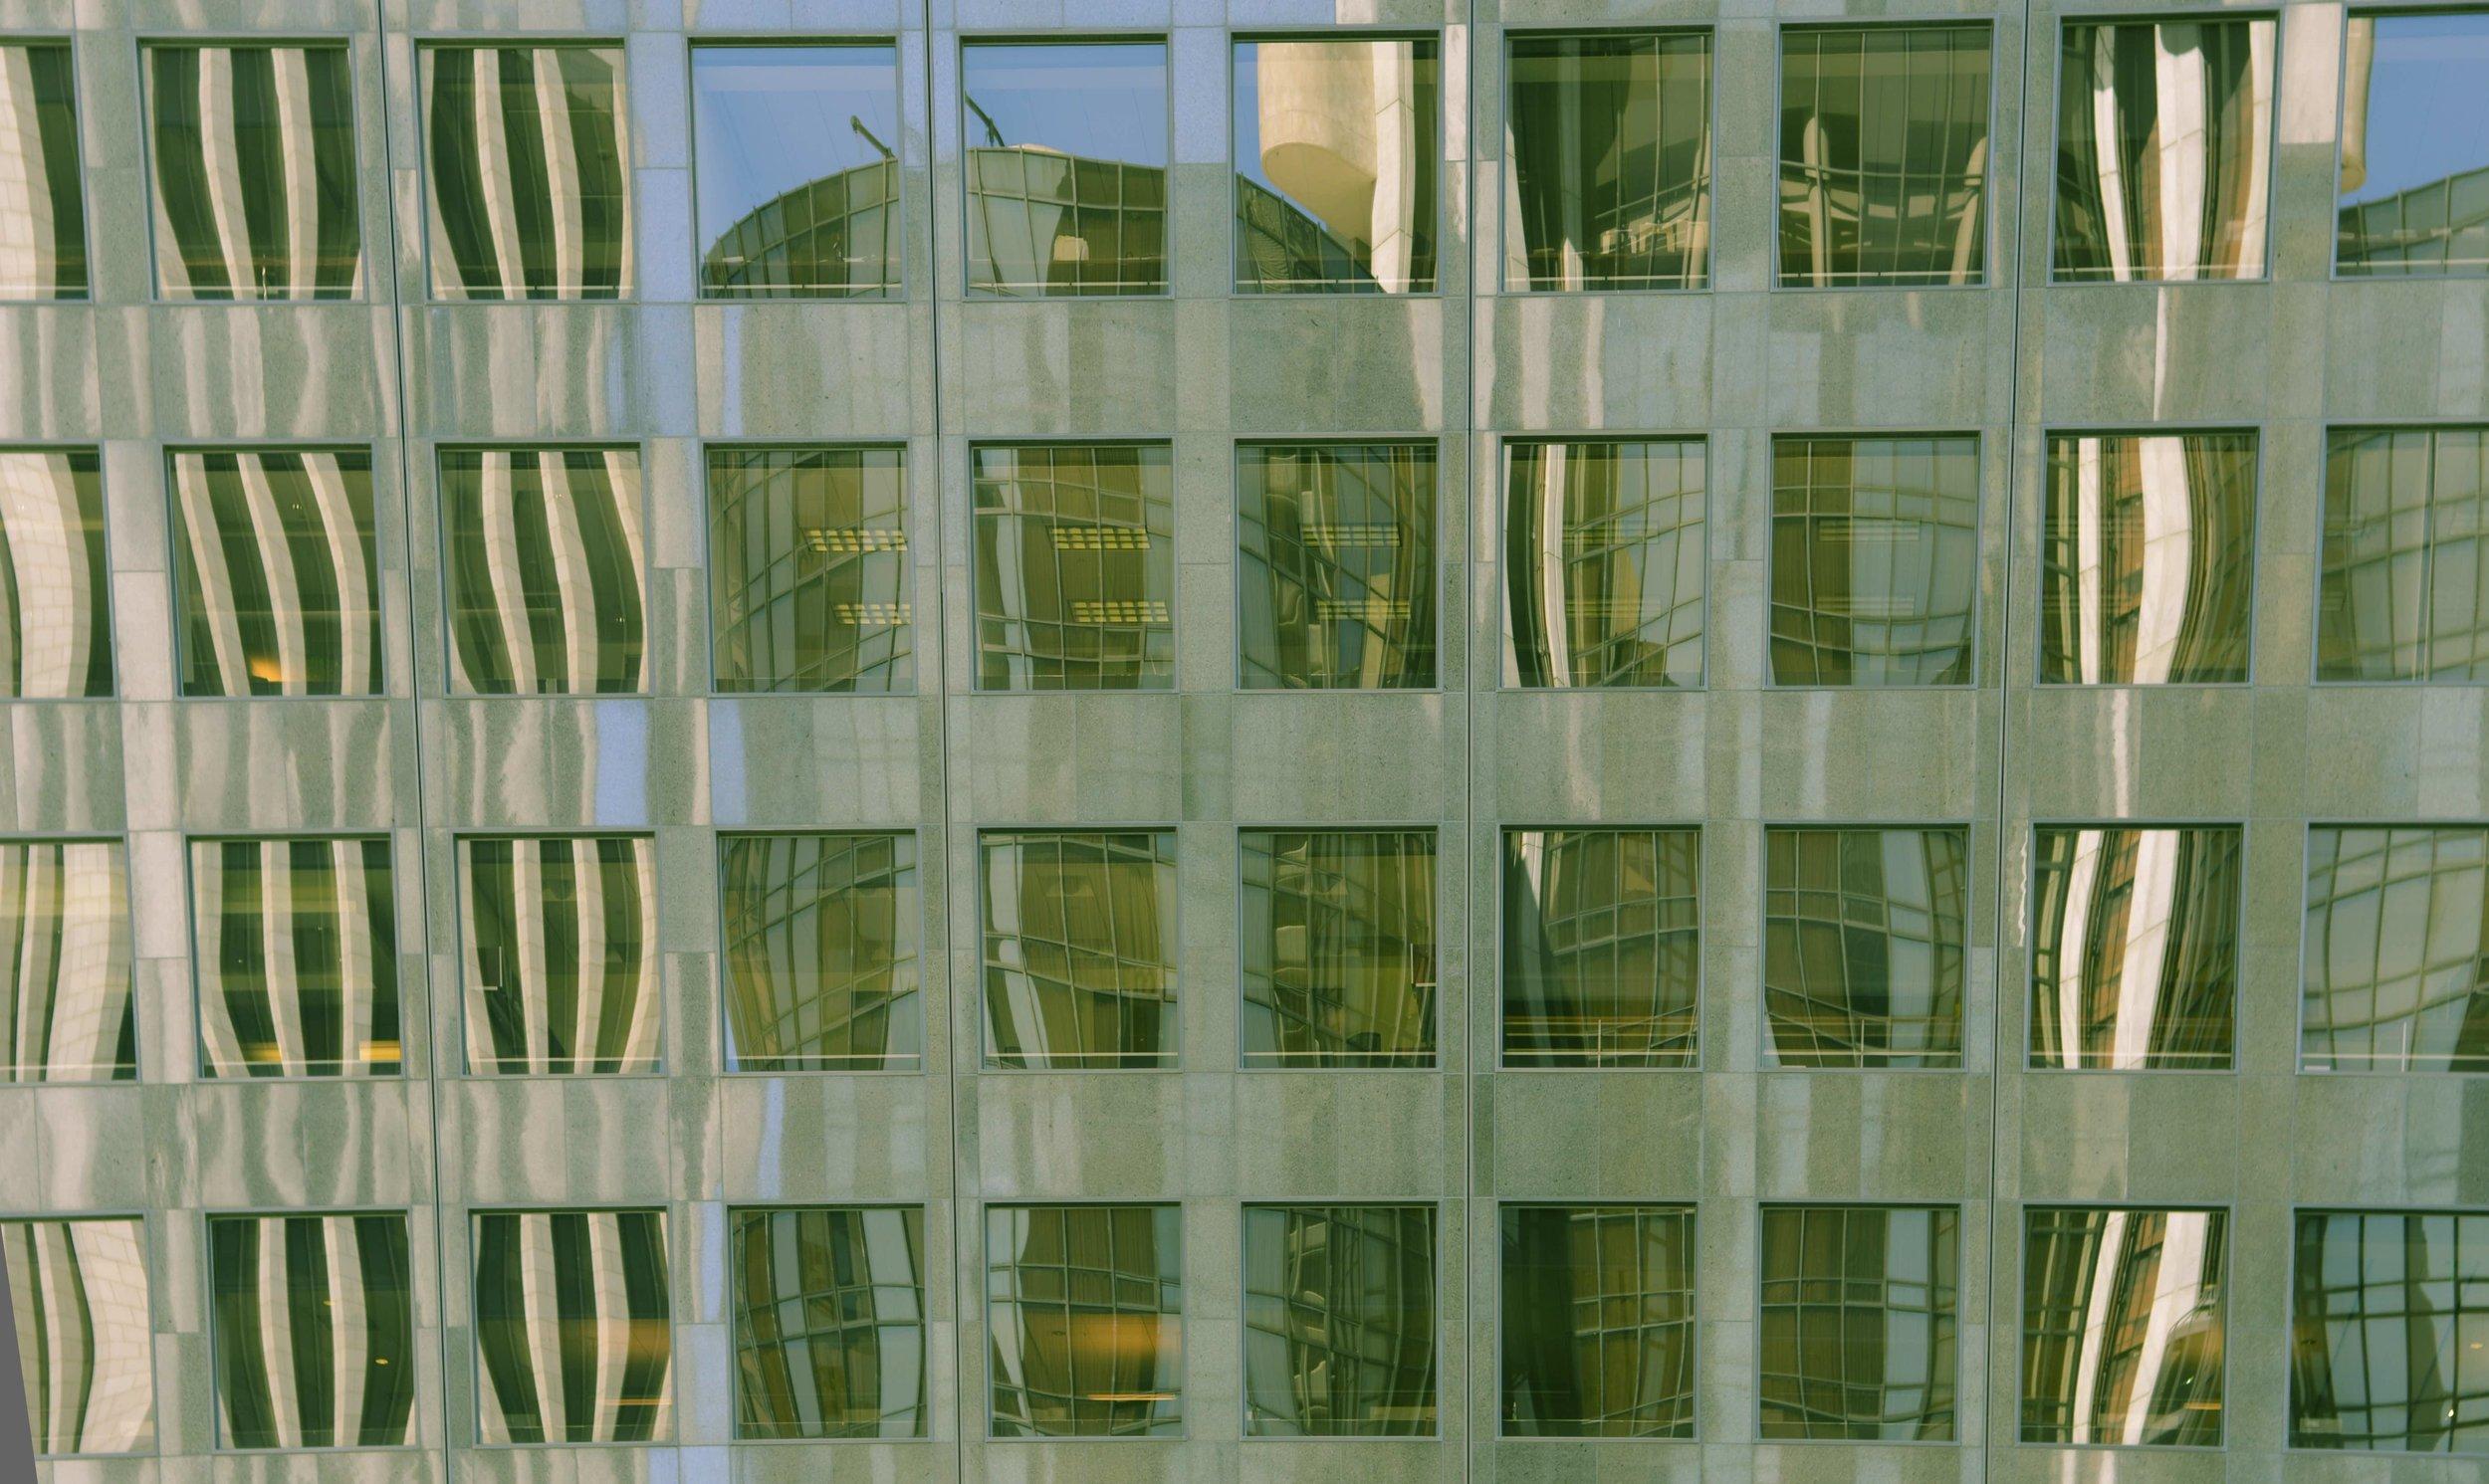 Building reflections (iii)